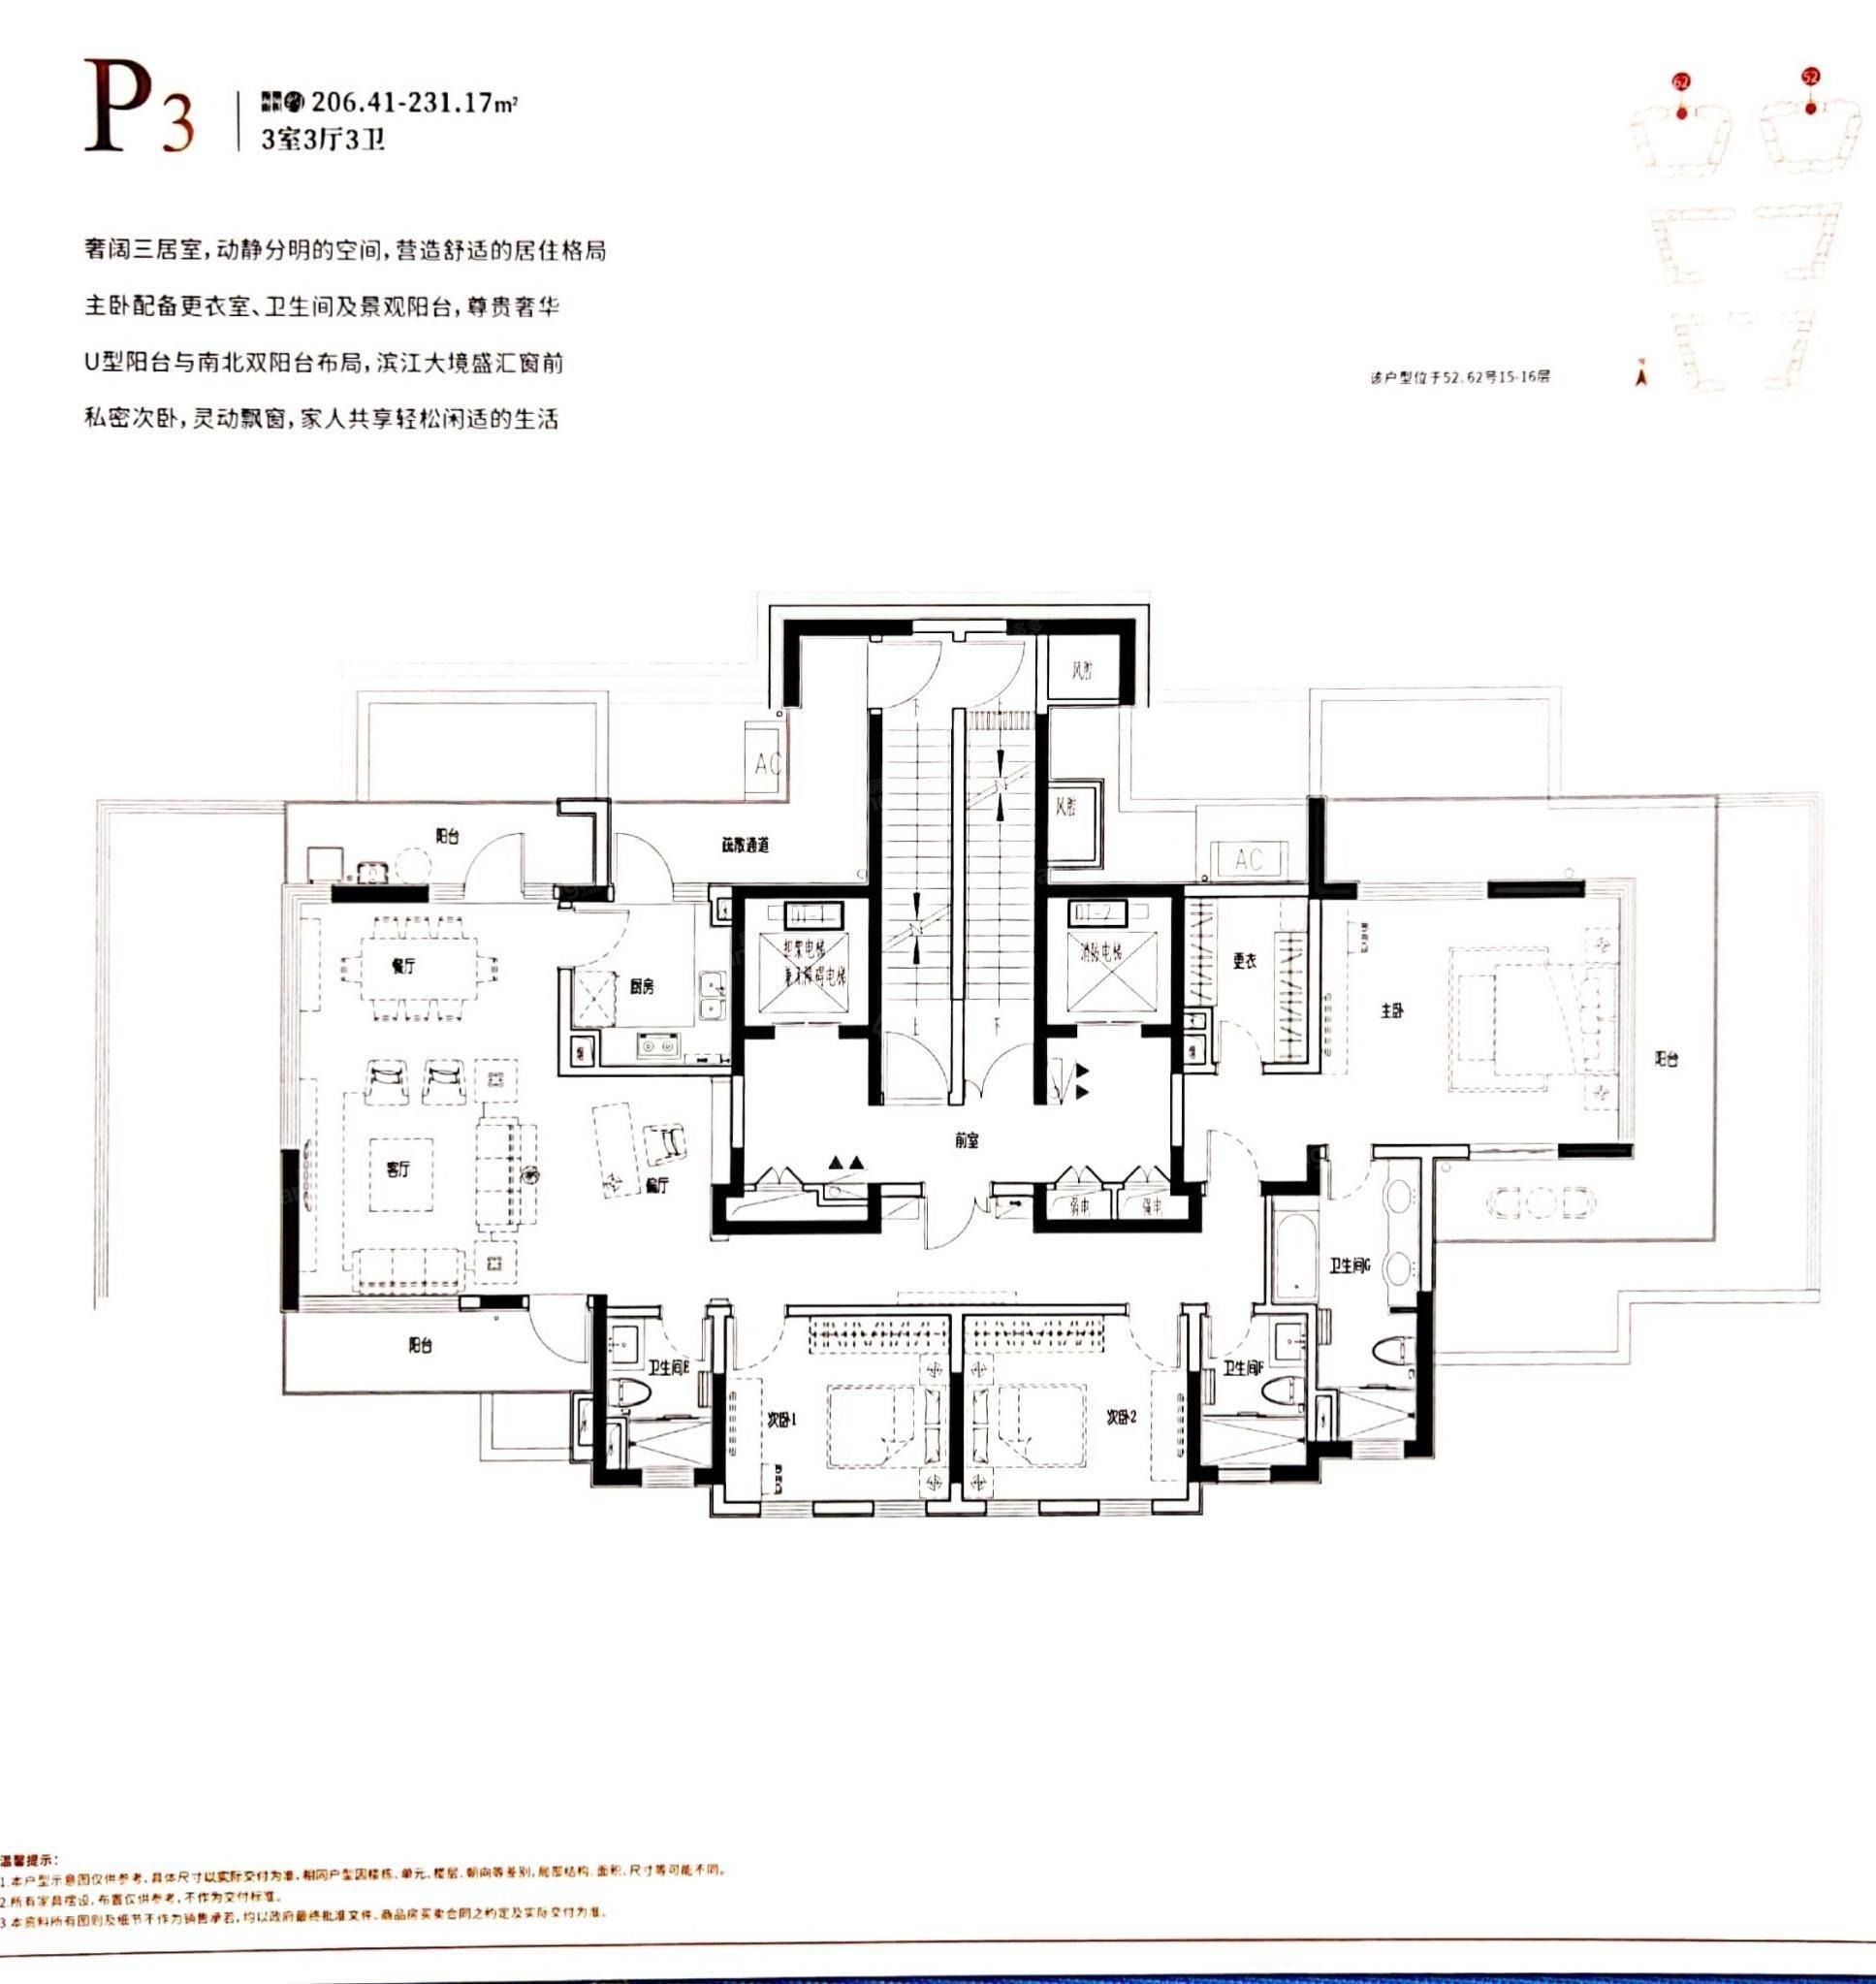 上海长滩3室3厅3卫户型图